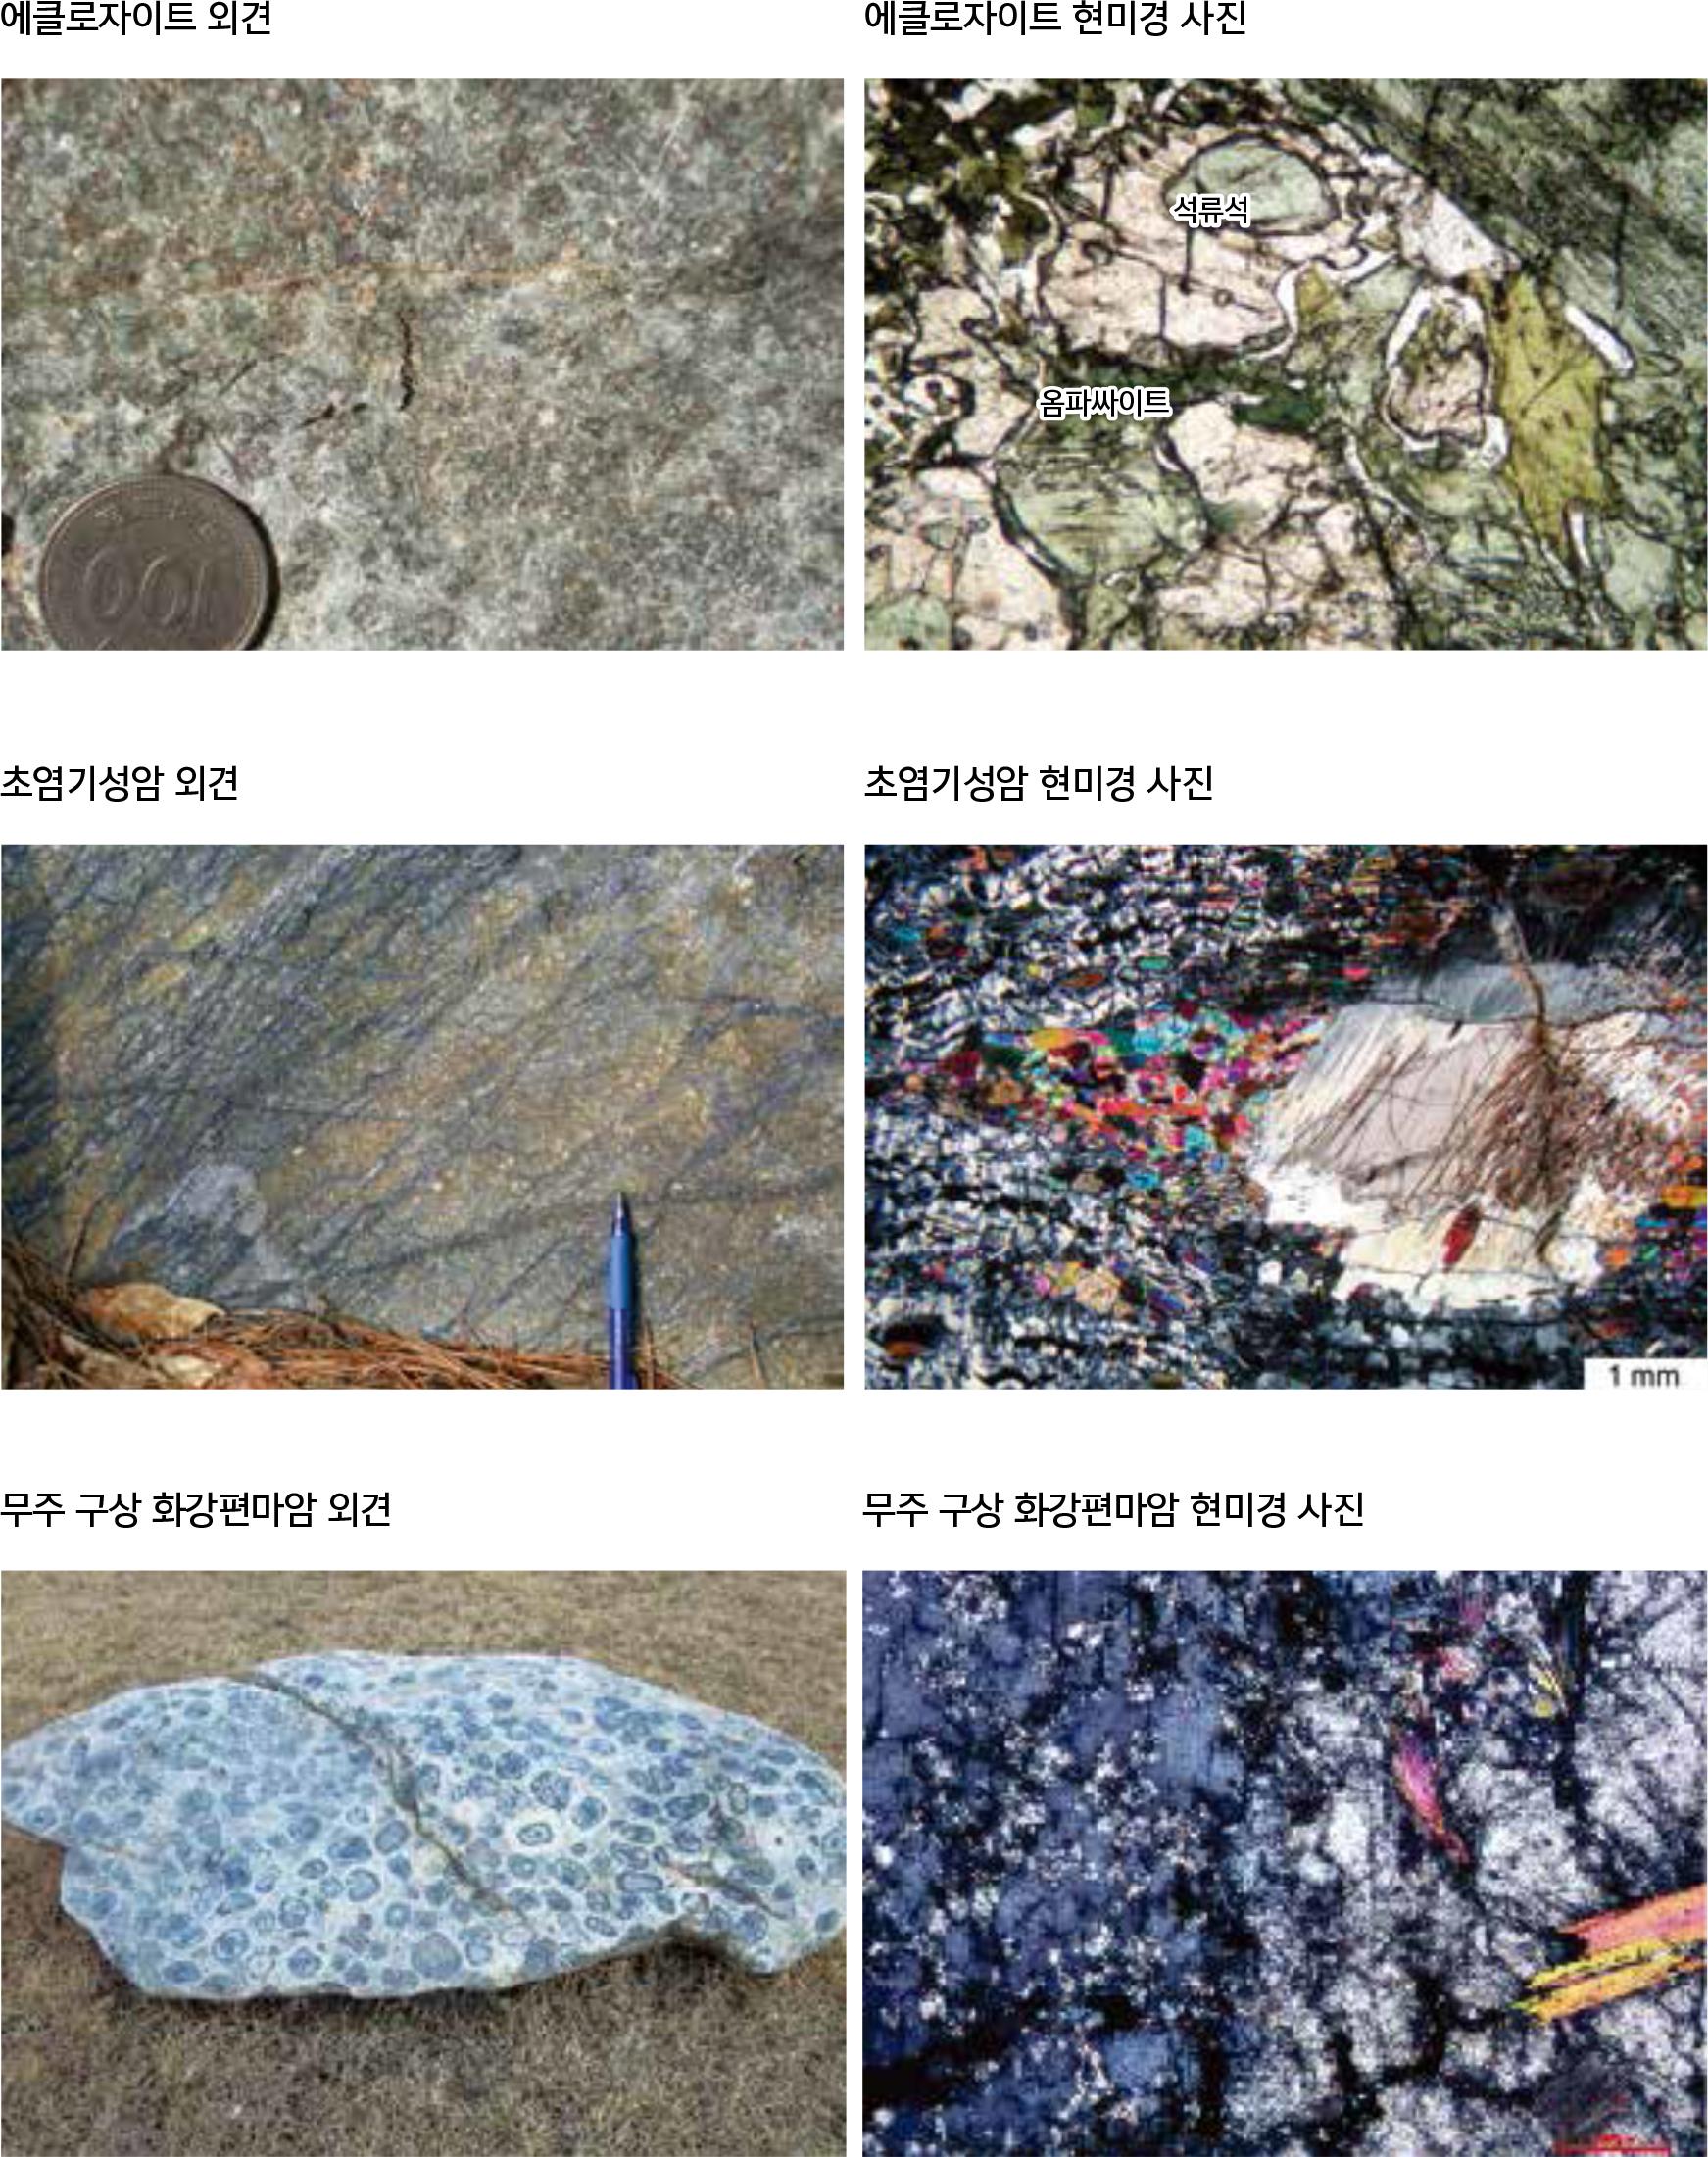 특이 암석 분포지